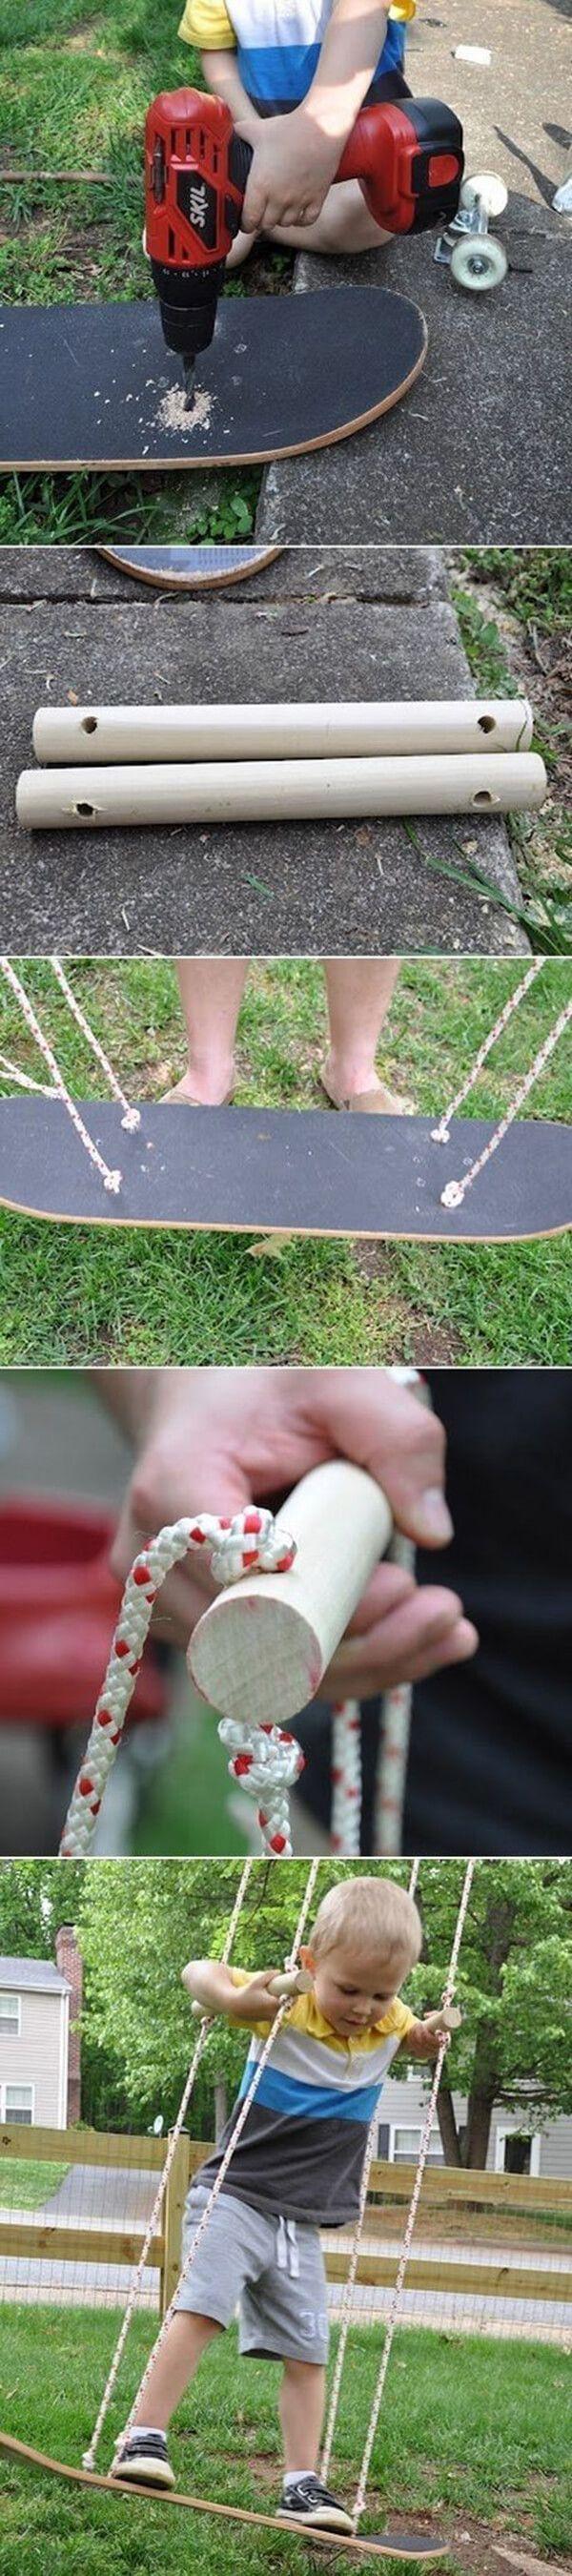 34 fantastische DIY Backyard Ideen für Kinder, die einfach zu machen sind – Ramona Torka